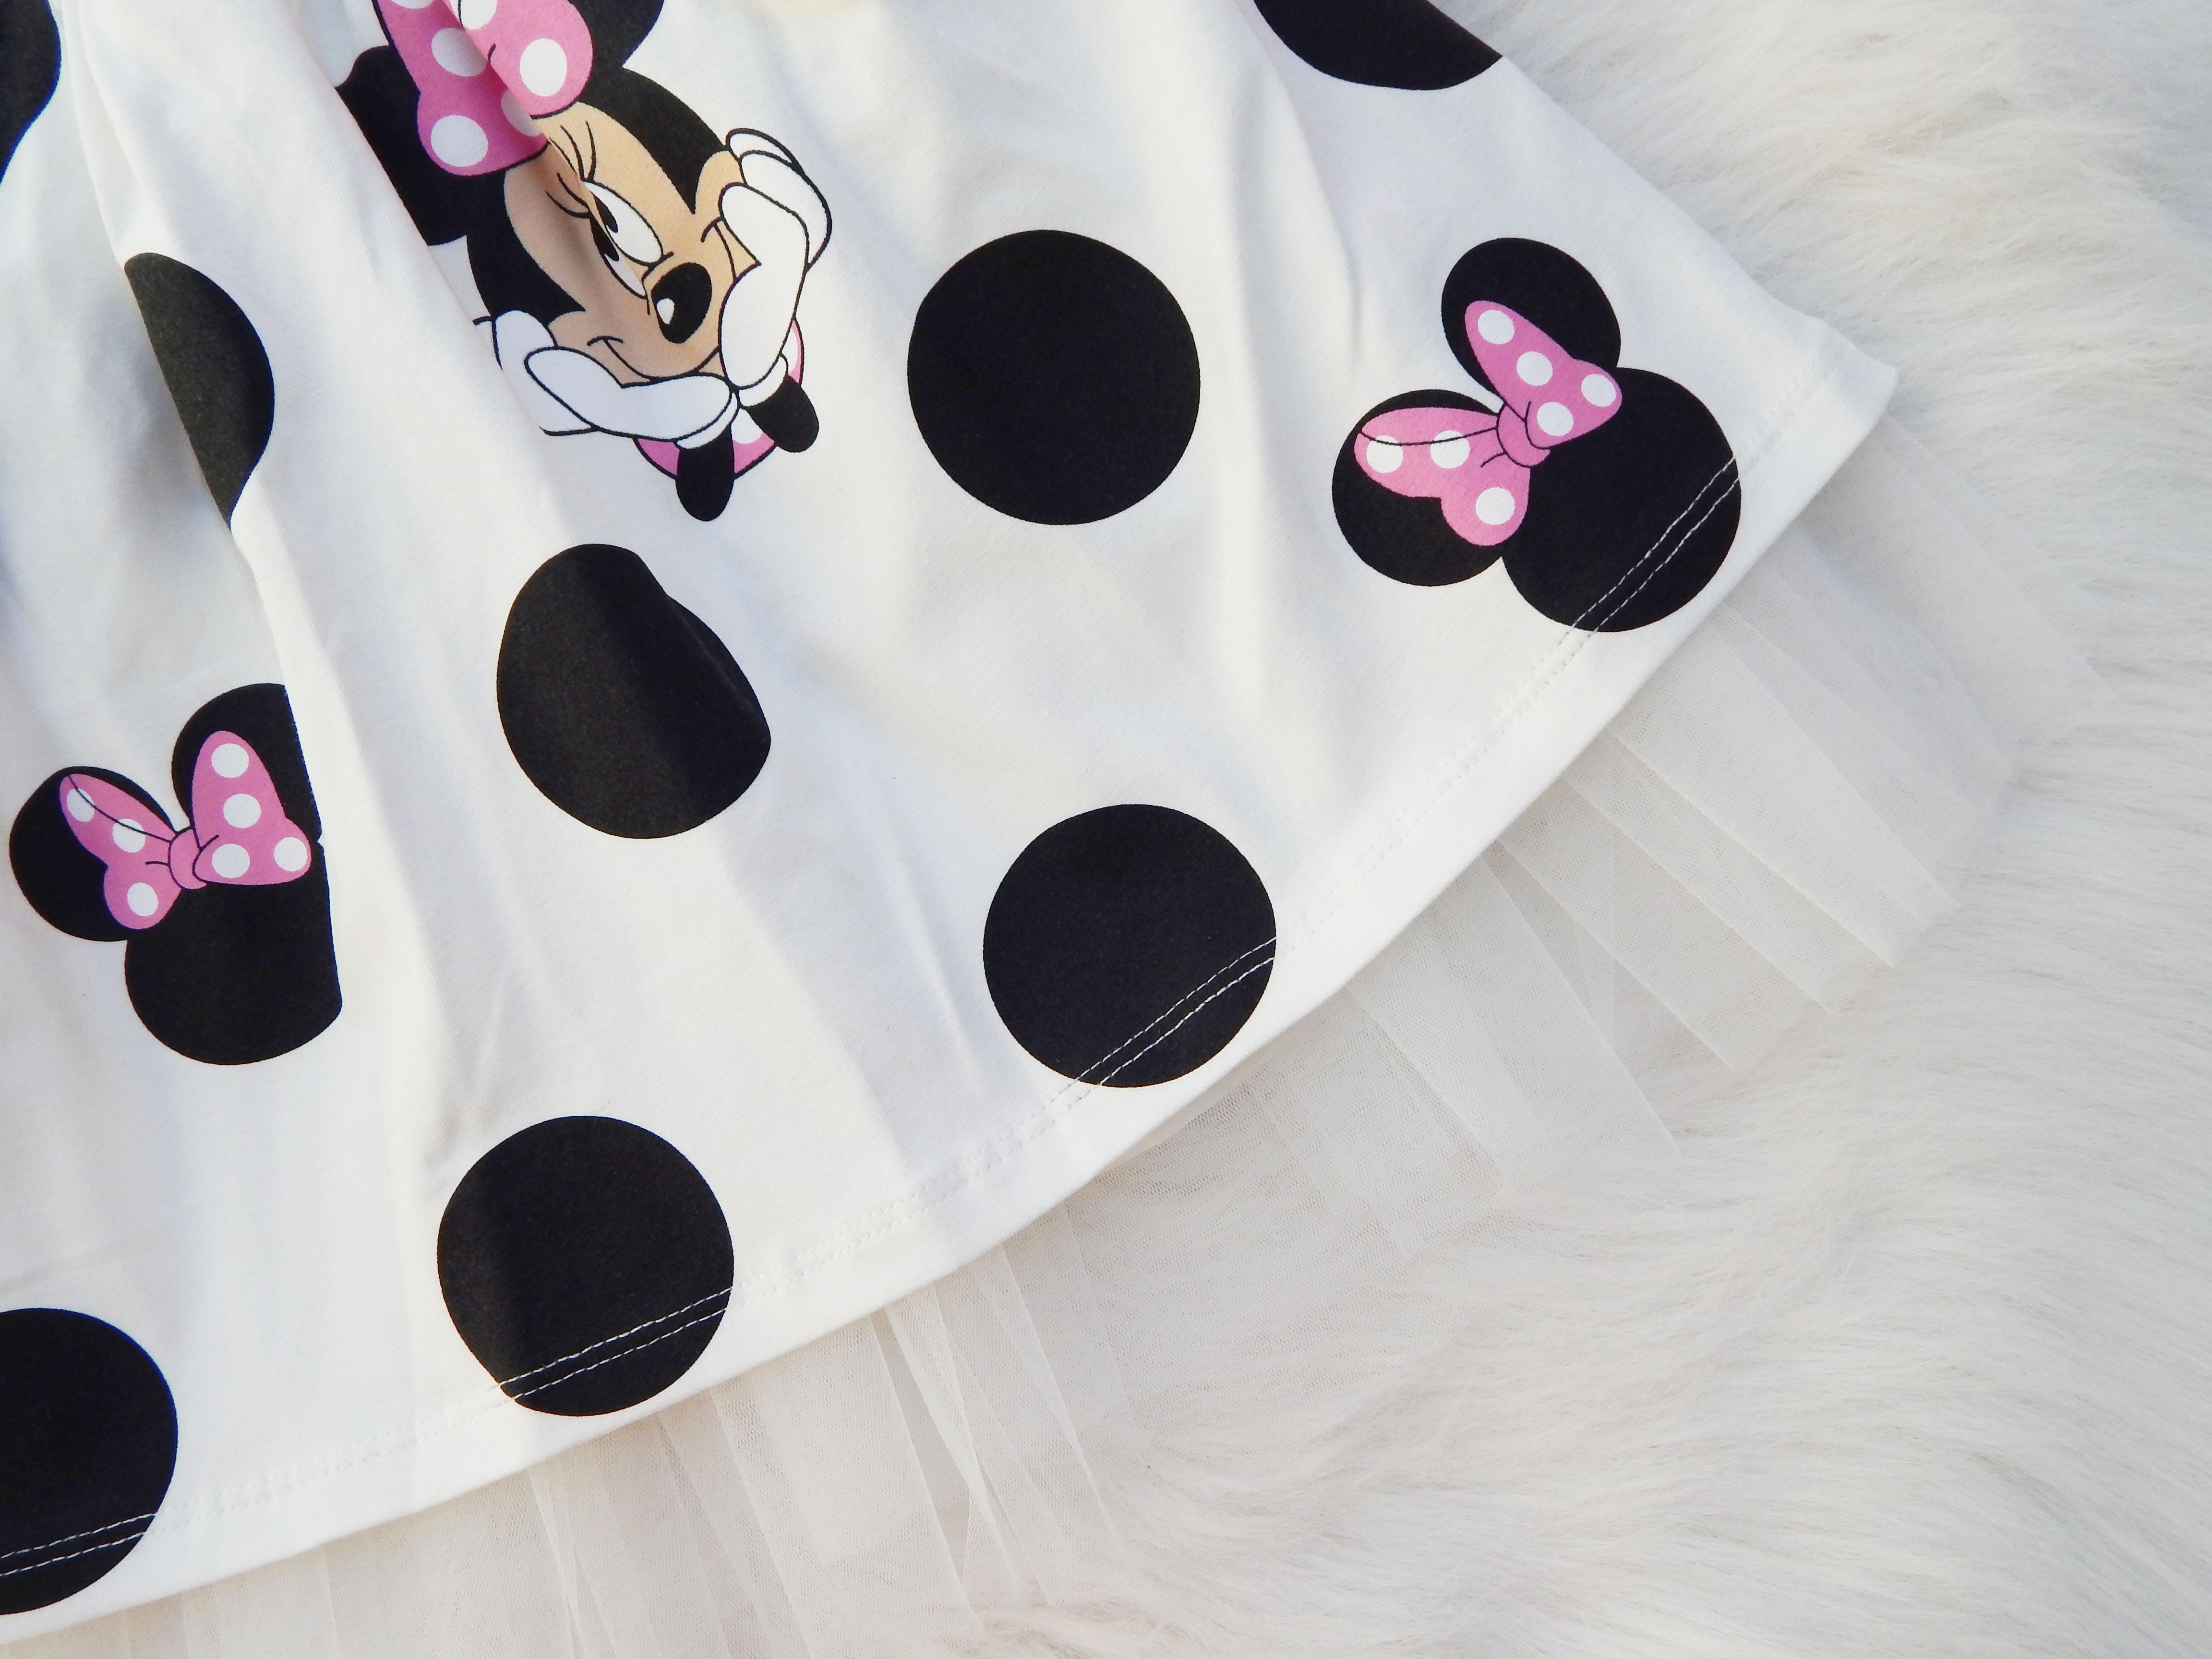 https://funnybunnykids.bg/wp-content/uploads/2018/01/рокля-мини-маус.jpg рокля мини маус